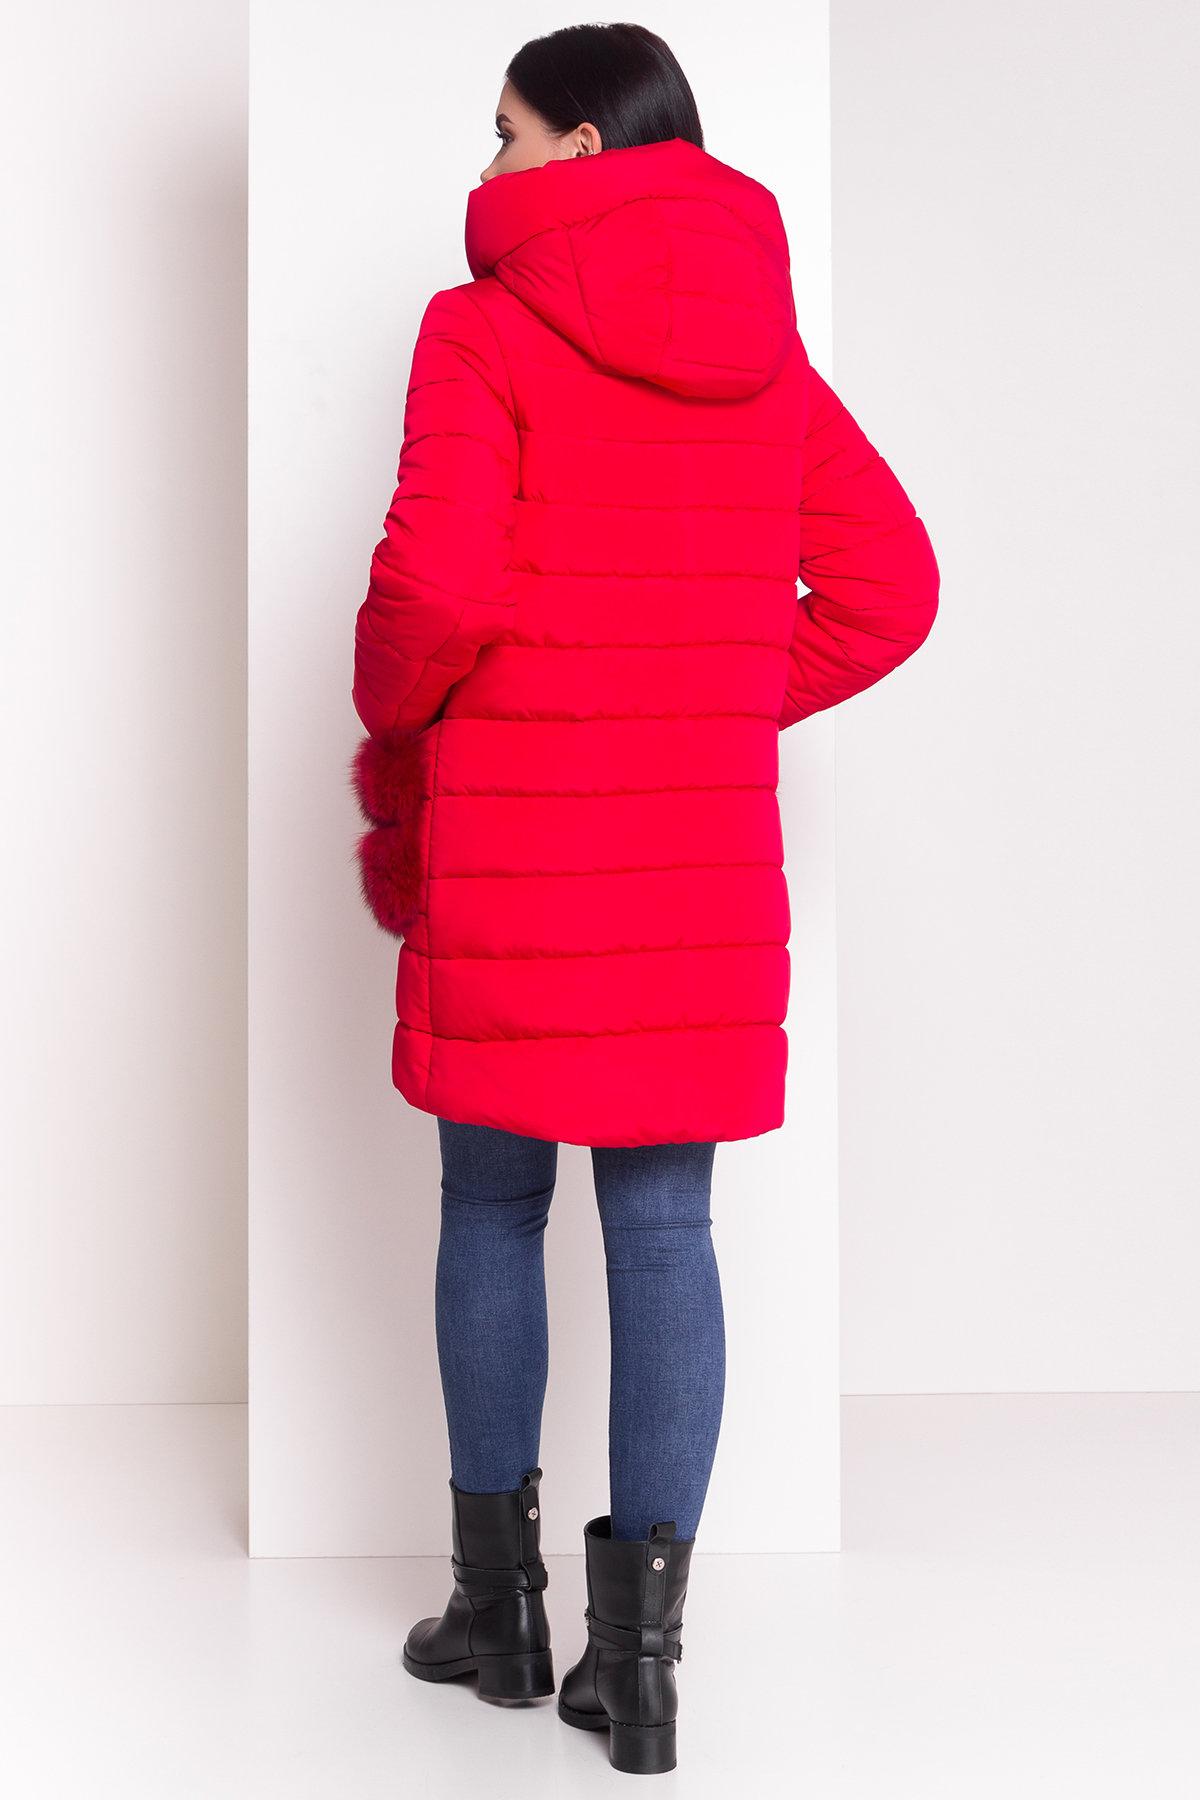 Пуховик с меховыми карманами Лили 3523 АРТ. 19110 Цвет: Красный - фото 4, интернет магазин tm-modus.ru